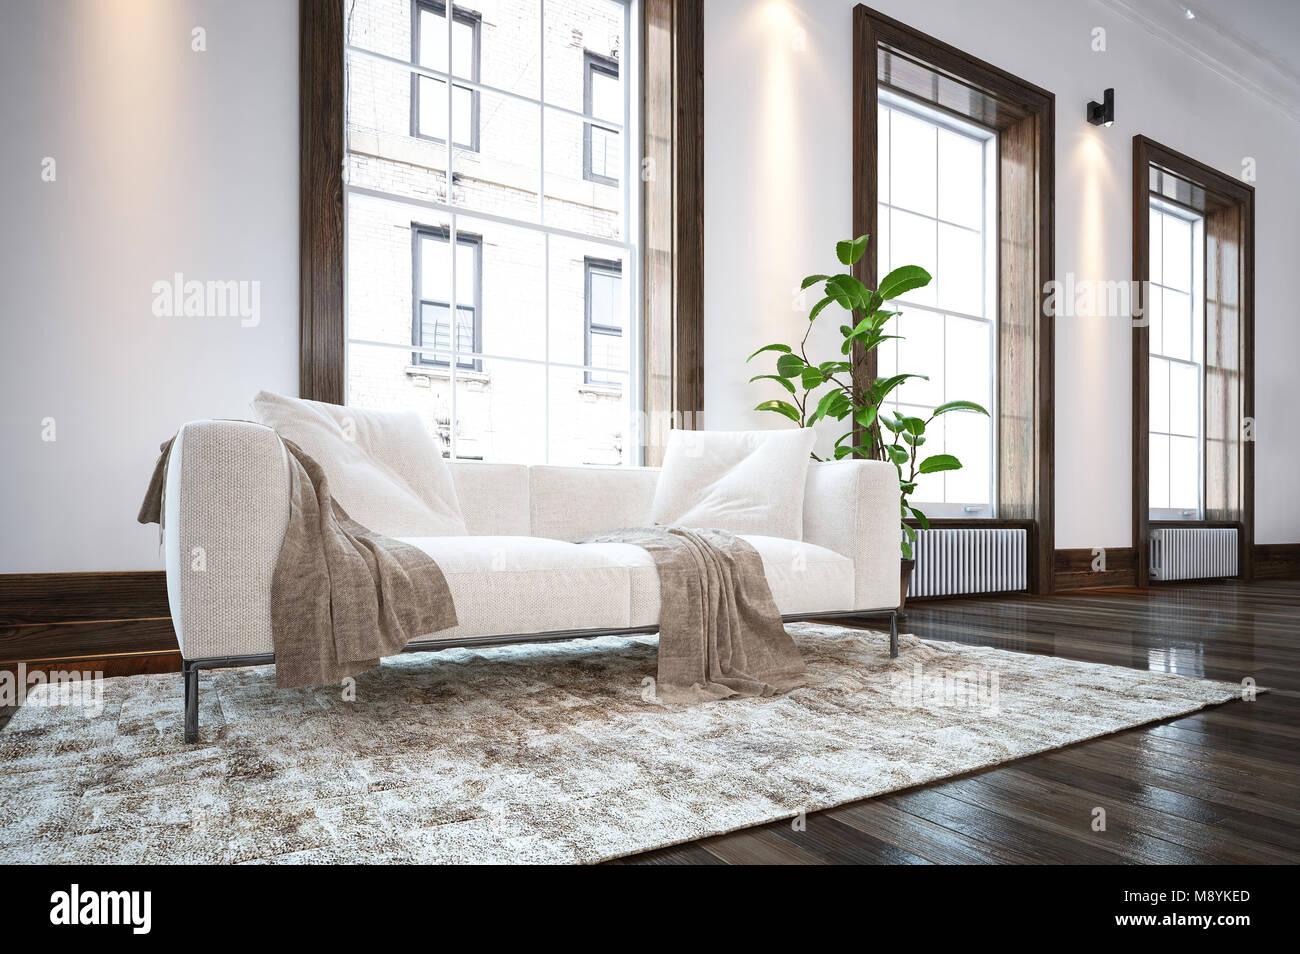 Fußboden Teppich ~ Große geräumige luxuriöse minimalistischen wohnzimmer mit bequemen